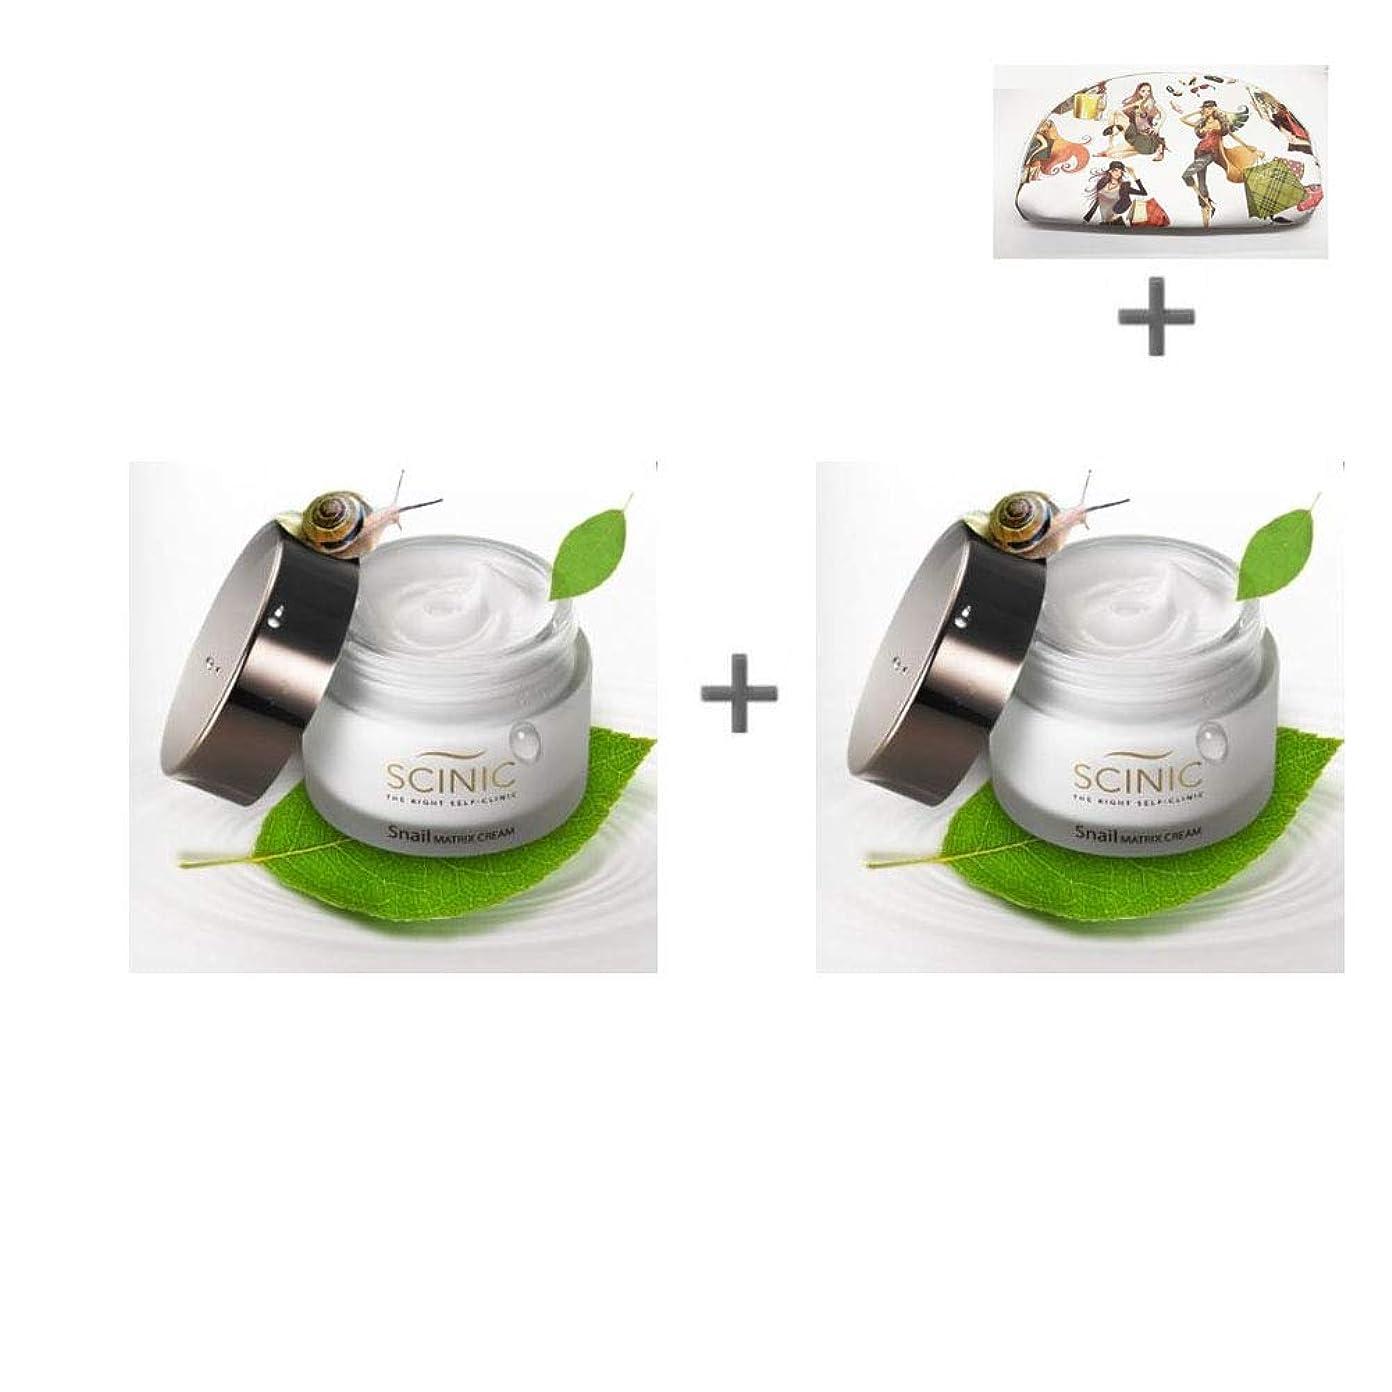 気をつけてネット非難[サイニク] Scinic サイニク カタツムリクリーム ぷりぷり モチーフ肌 保湿 栄養 クリーム 50ml 1+1 / Scinic Snail Cream [海外直送品][並行輸入品]